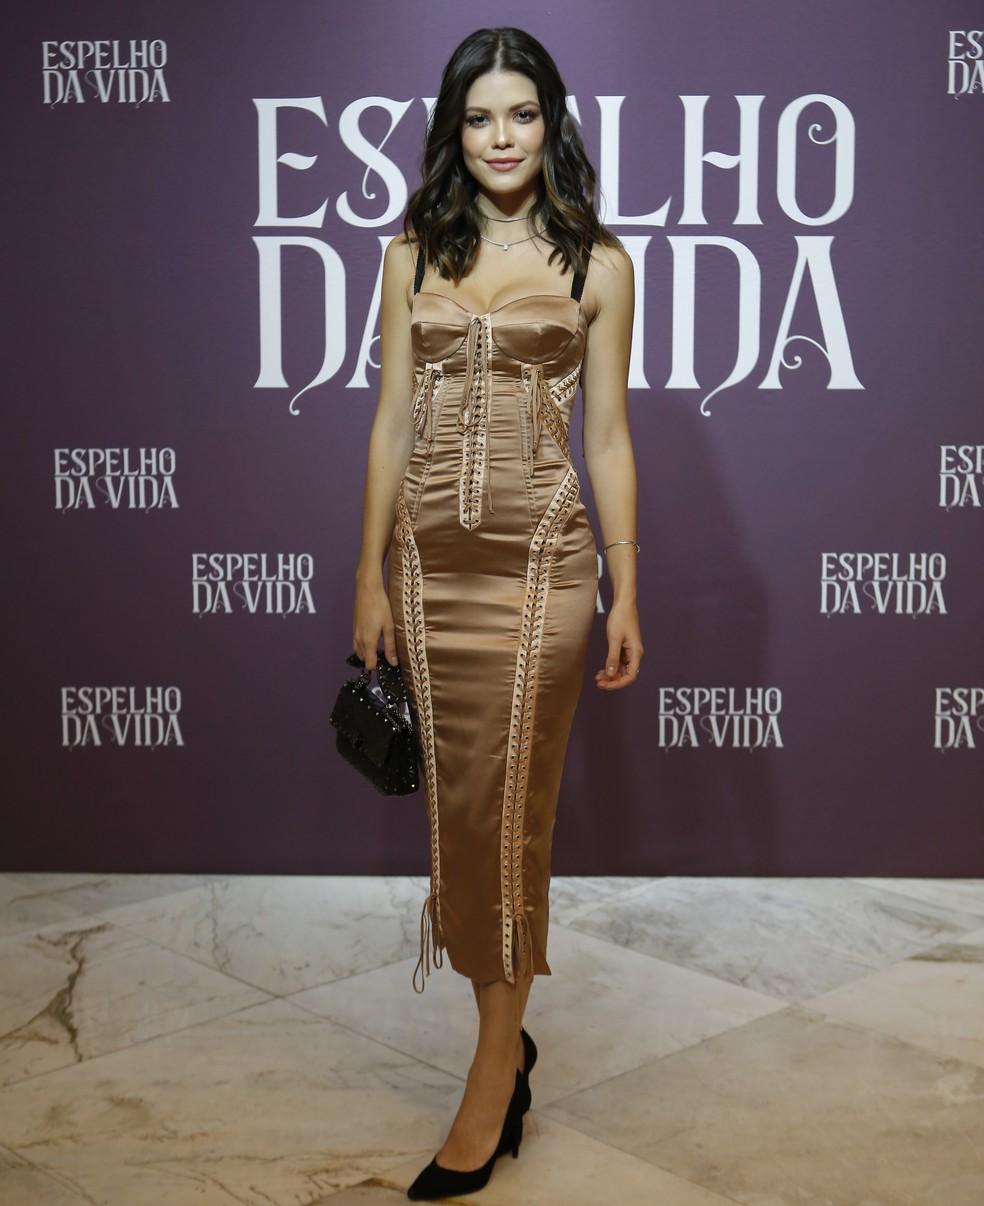 Aline Moraes Toda Nua confira os looks do elenco de 'espelho da vida' no evento de